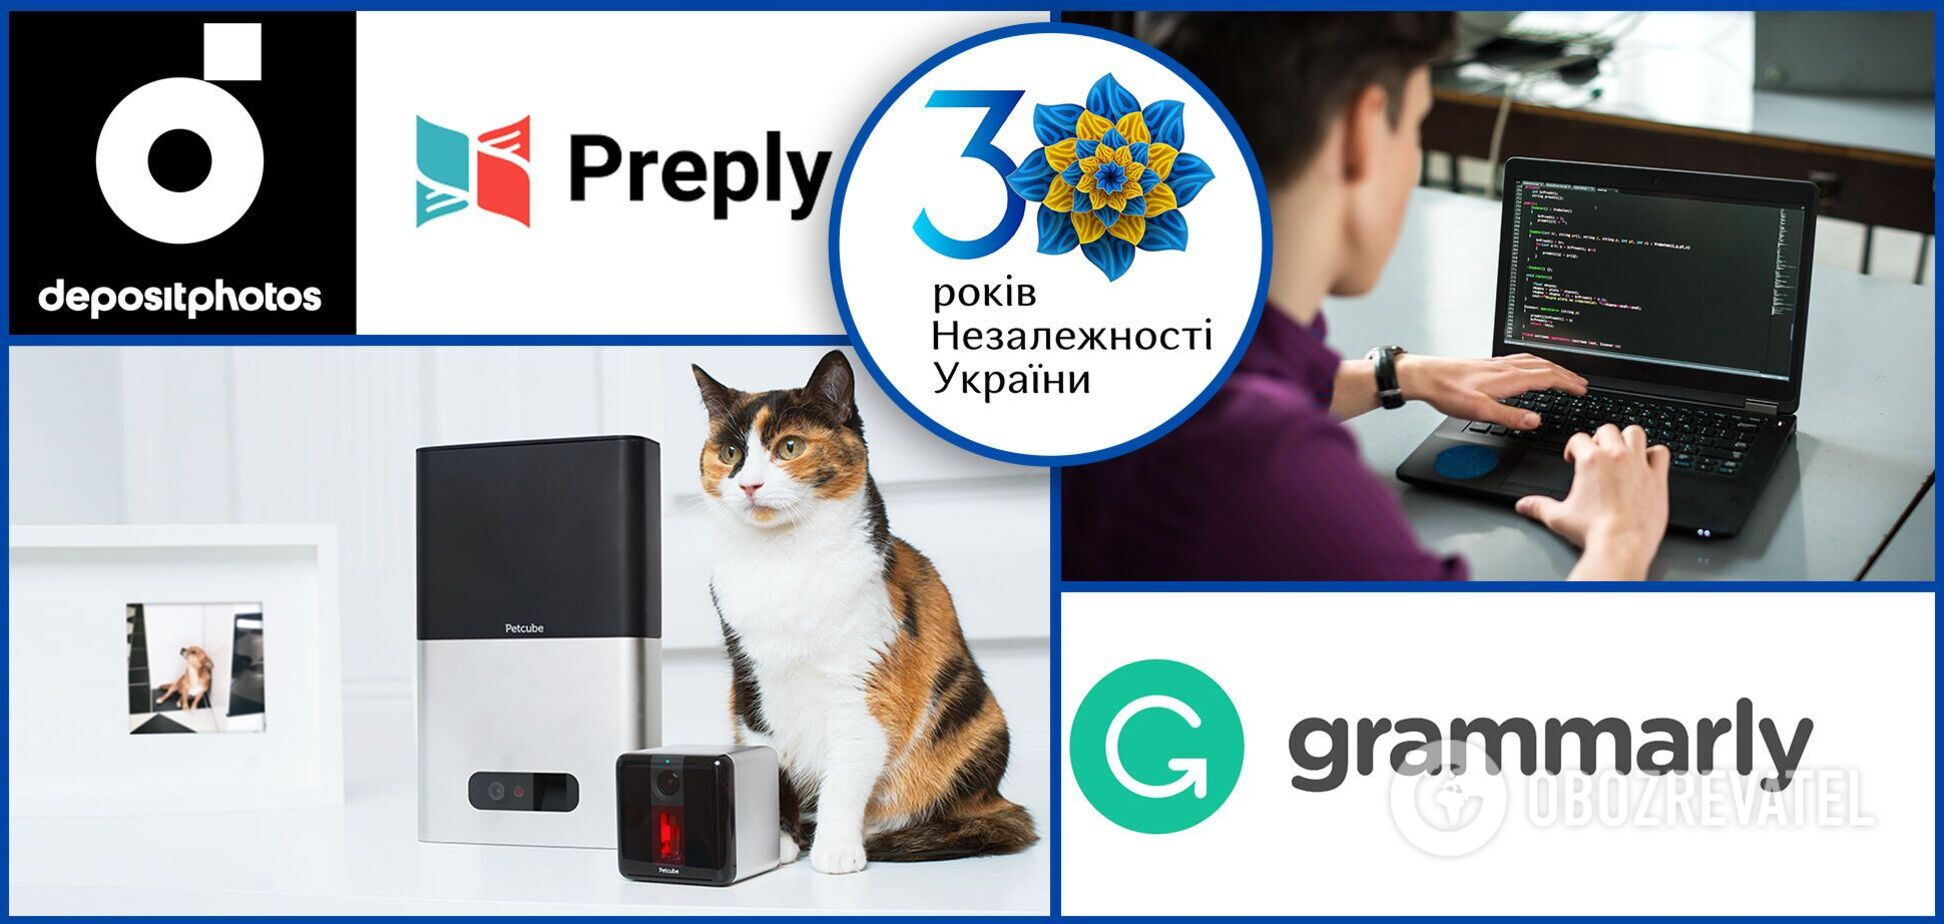 Українські IT-фахівці придумали безліч корисних проєктів, якими користуються в світі